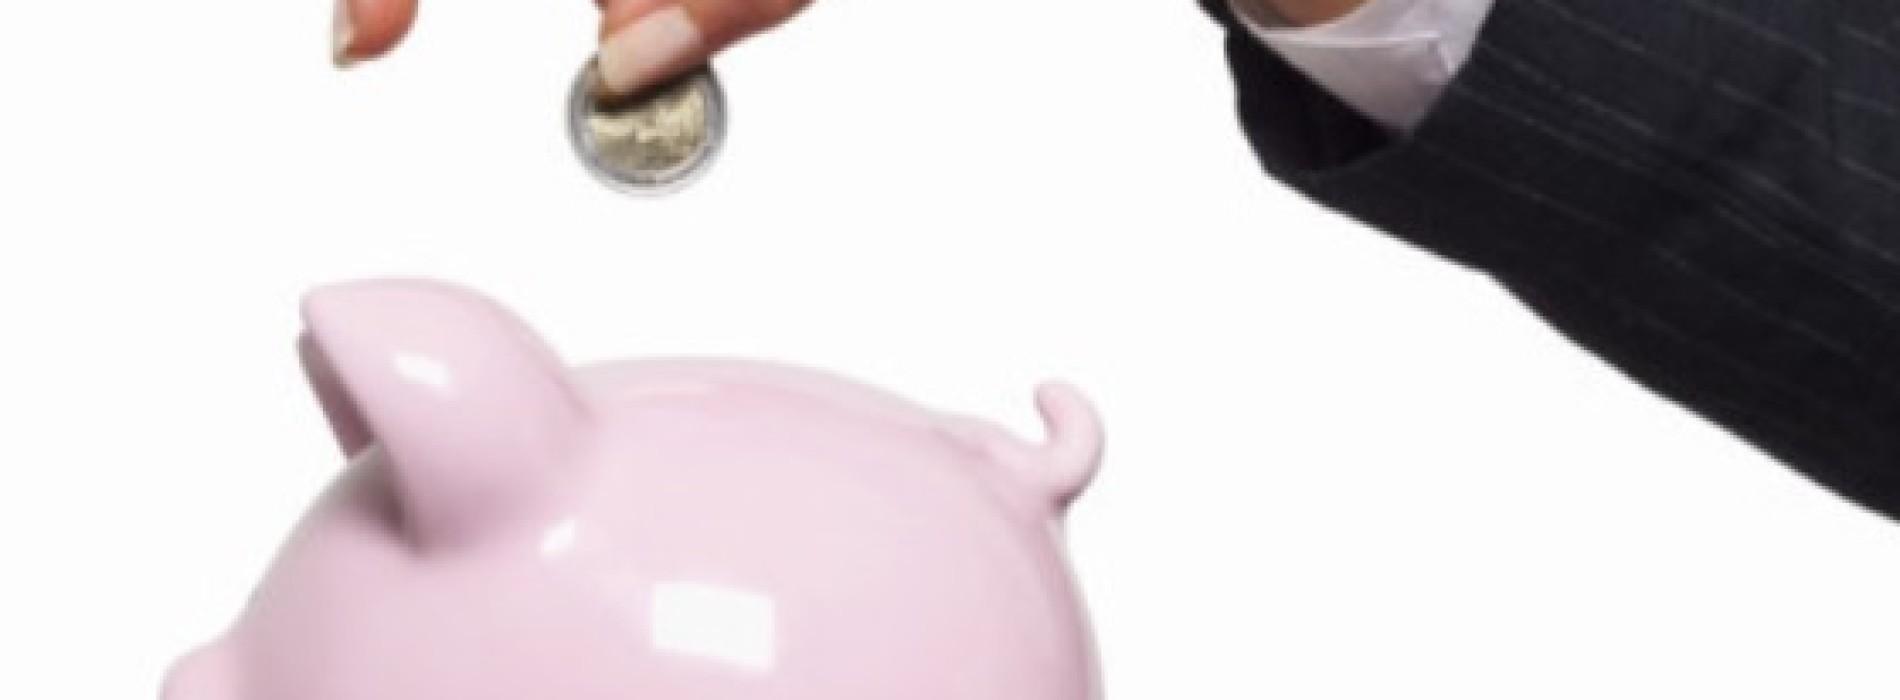 Oszczędzanie – tym razem musi się udać!